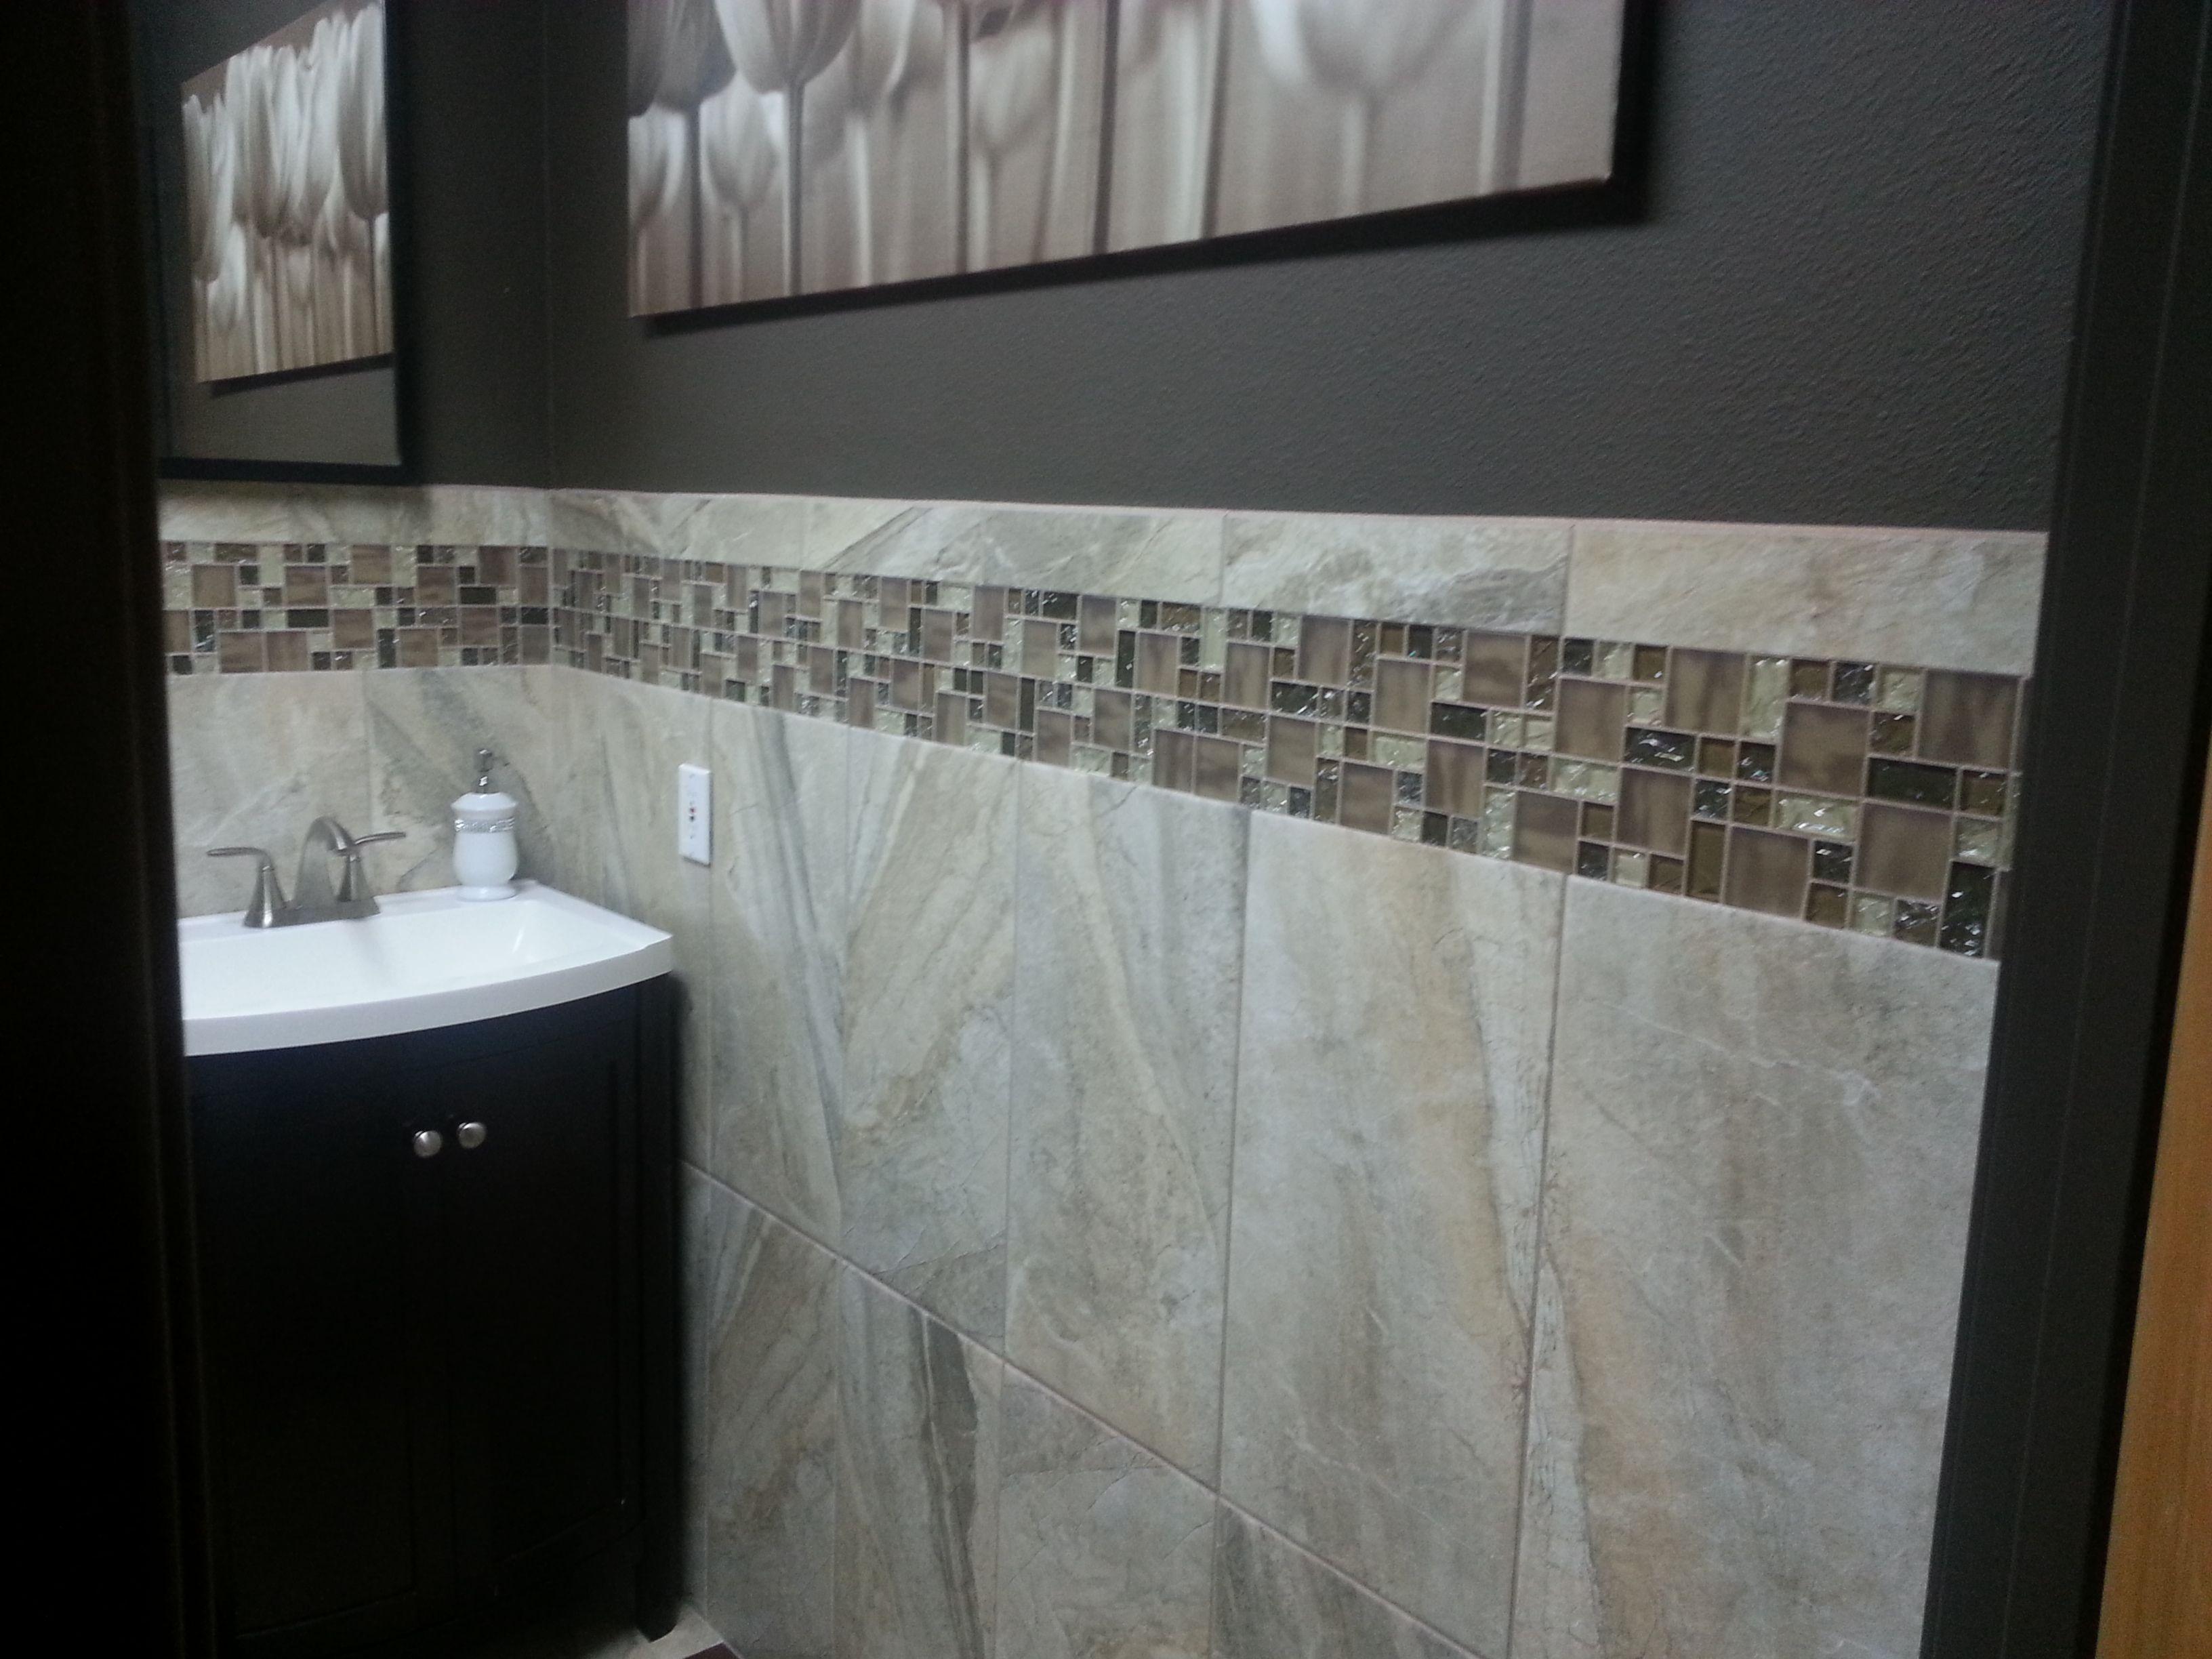 Emser Tile Eurasia Bianco 12x24 Field 3x13 Bullnose Bedrosians Le Gl Mosaic